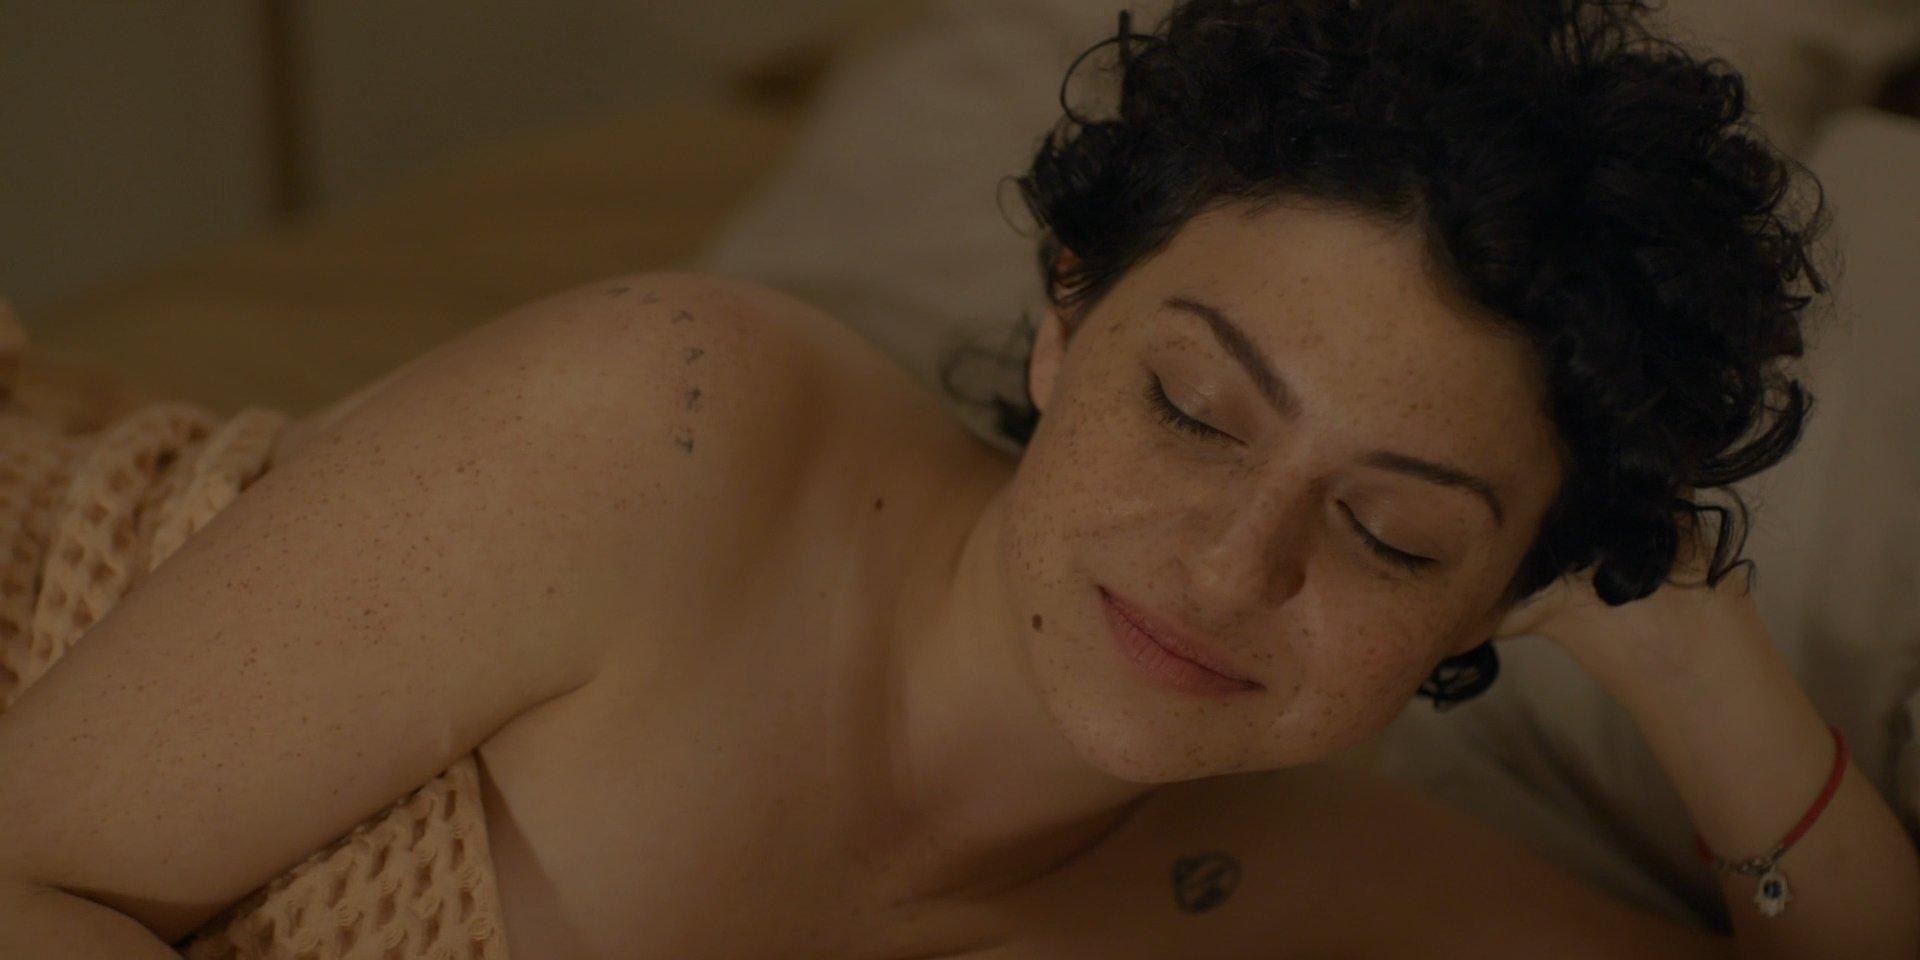 Alia Shawkat naked boobs